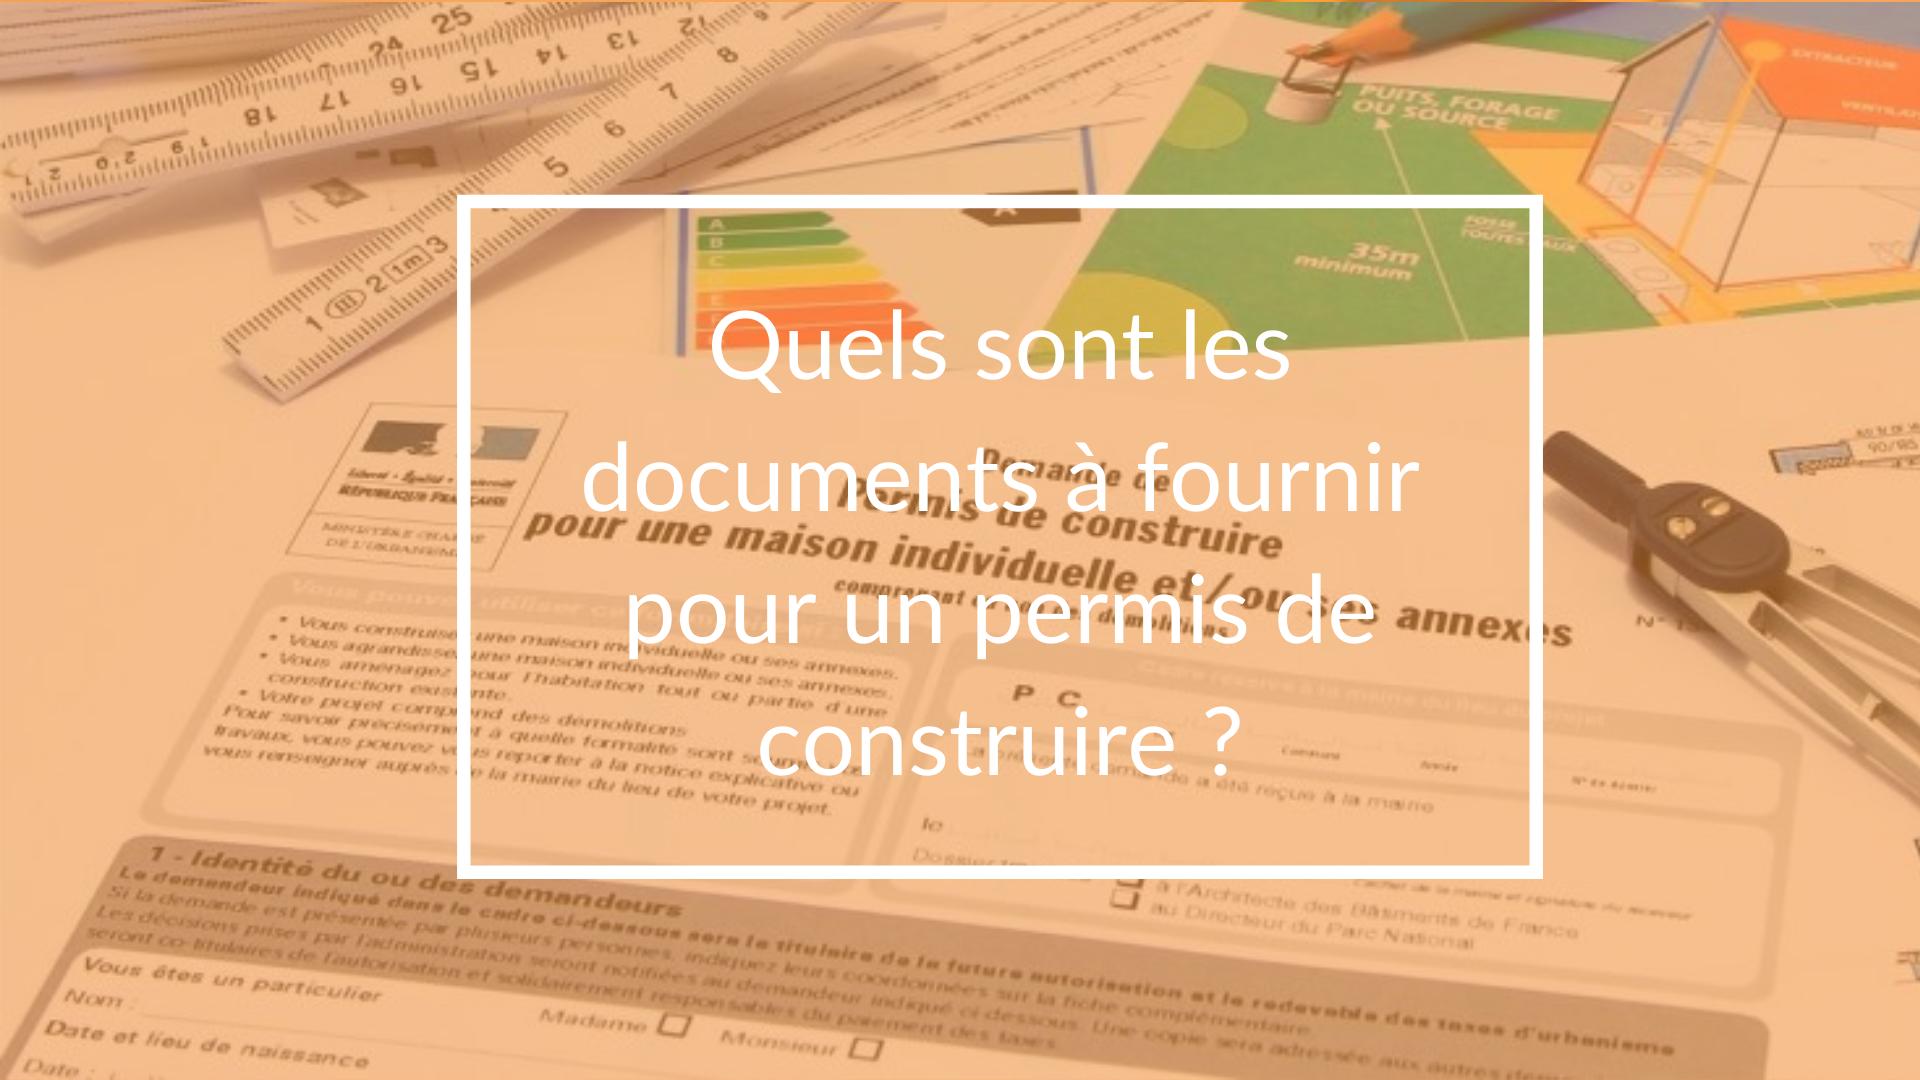 Quels sont les documents à fournir pour le permis de construire ?